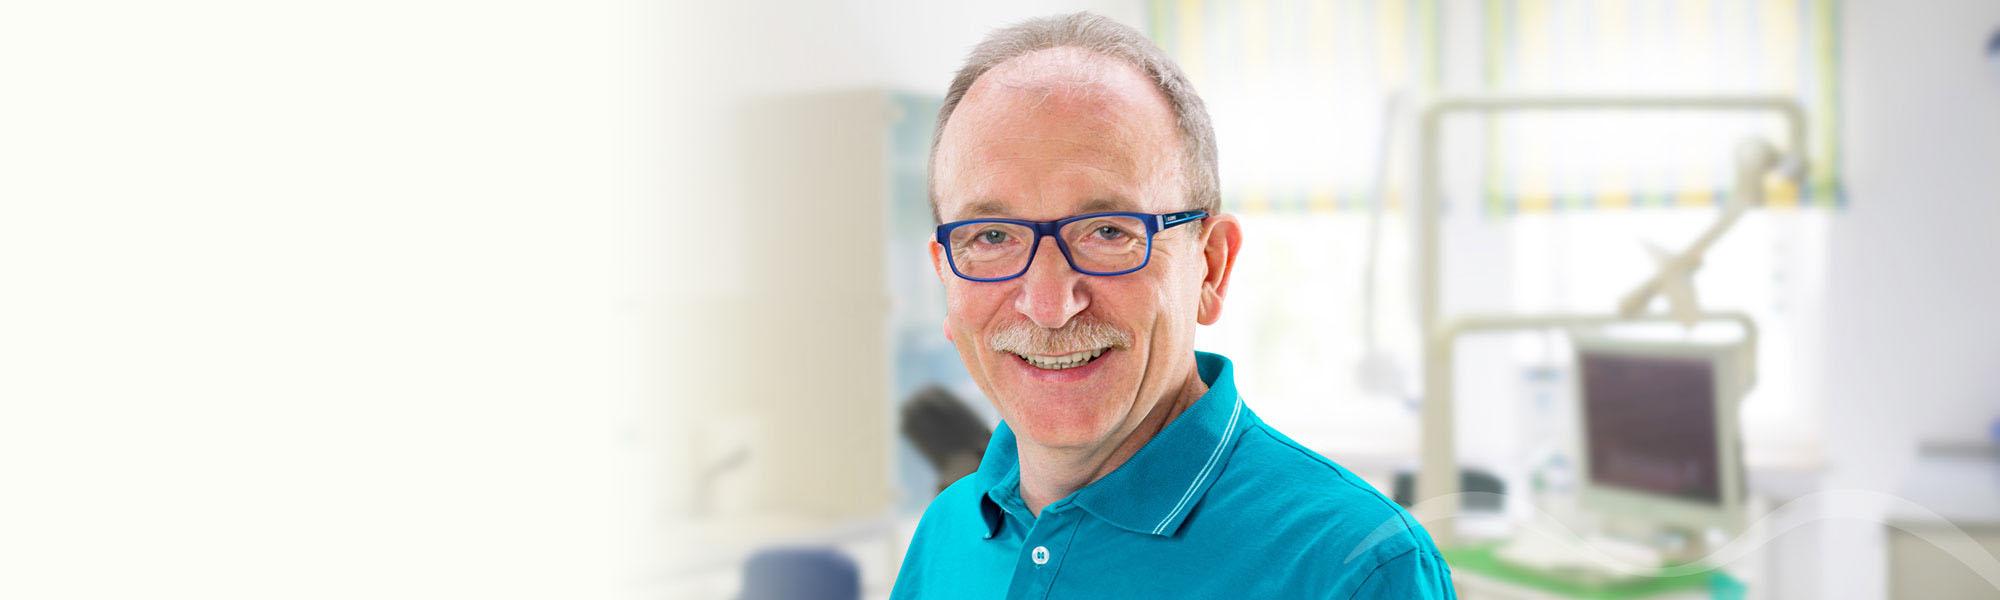 Zahnarzt Dr. Holler und Kollegen in Arzberg Fichtelgebirge Leistung Parodontitis Behandlung Implantologie